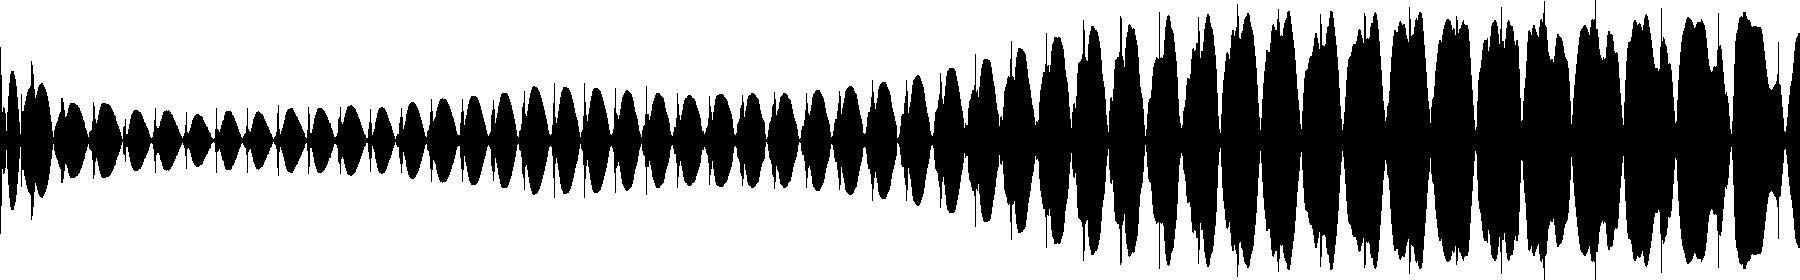 shortbass 03